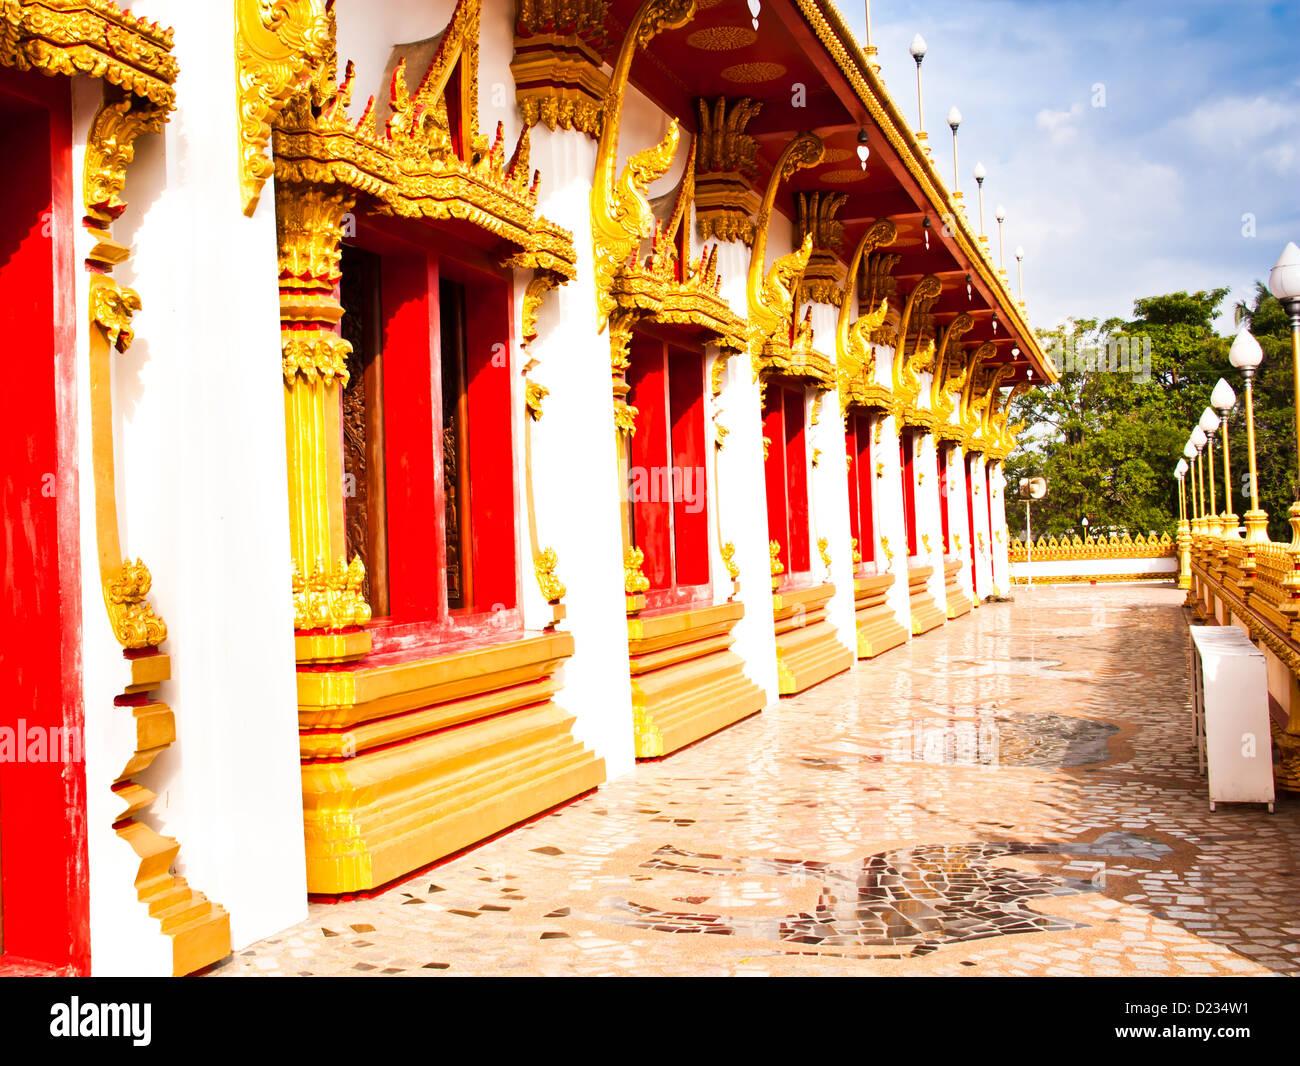 Die Schönheit der Korridore. Die thailändischen Tempel-Architektur. Stockbild